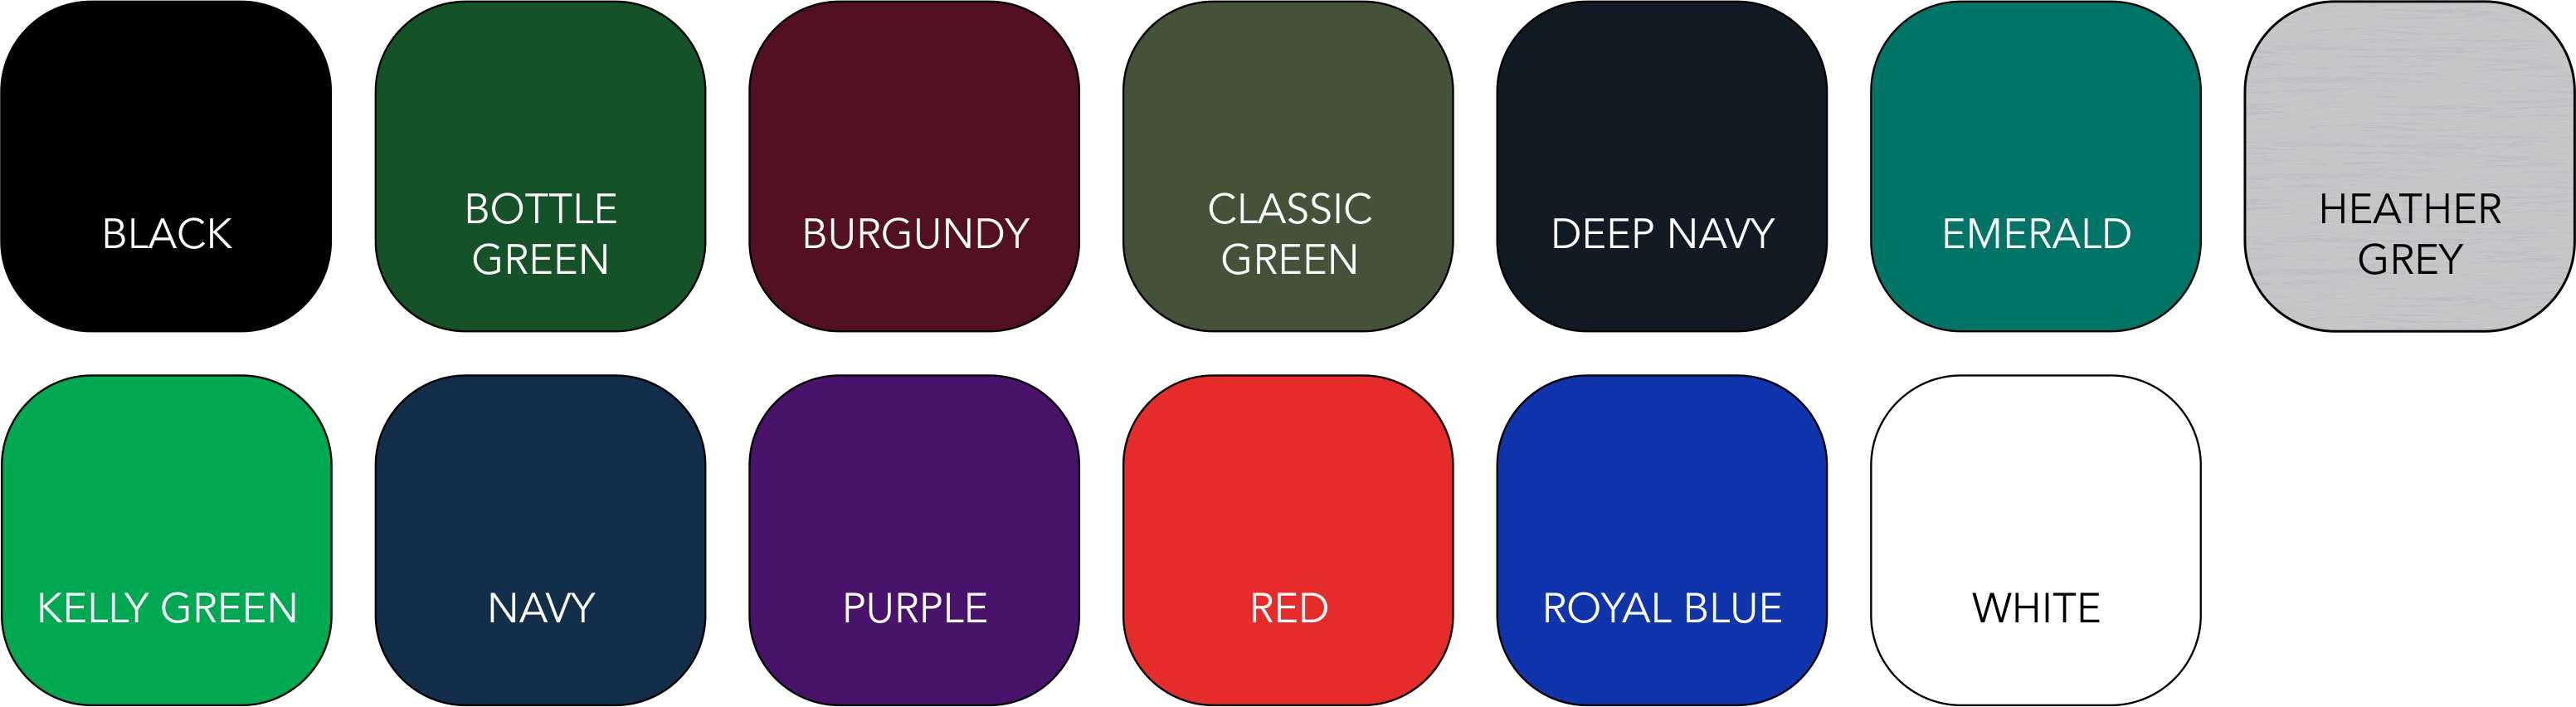 SS270 Unisex Colour Range